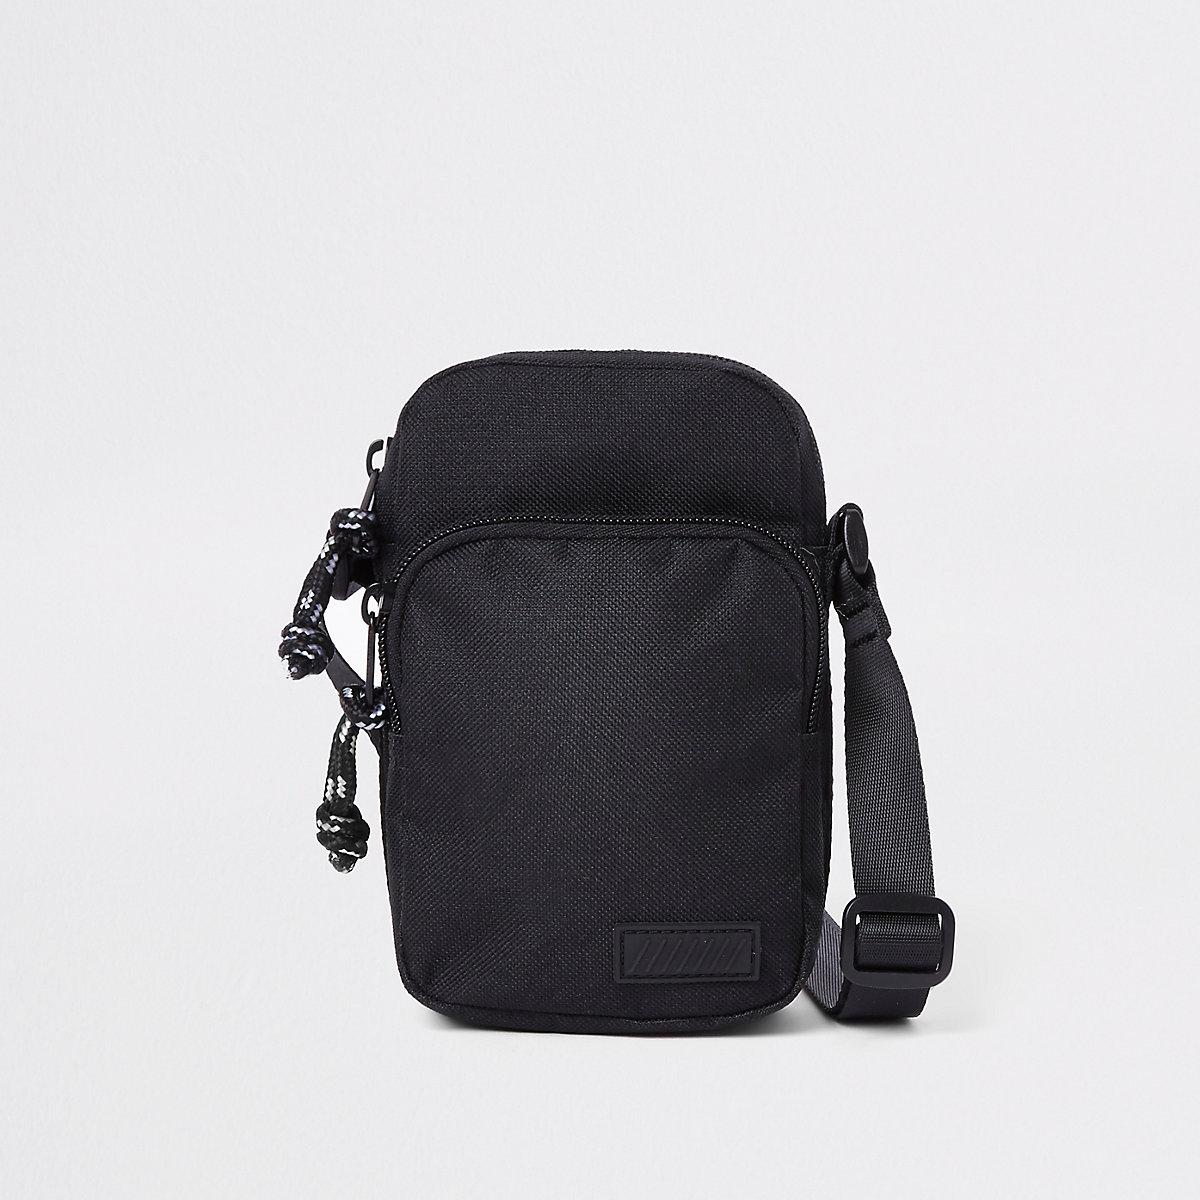 108b5e5c218 Black mini cross body flight pouch - Cross Body Bags - Bags - men